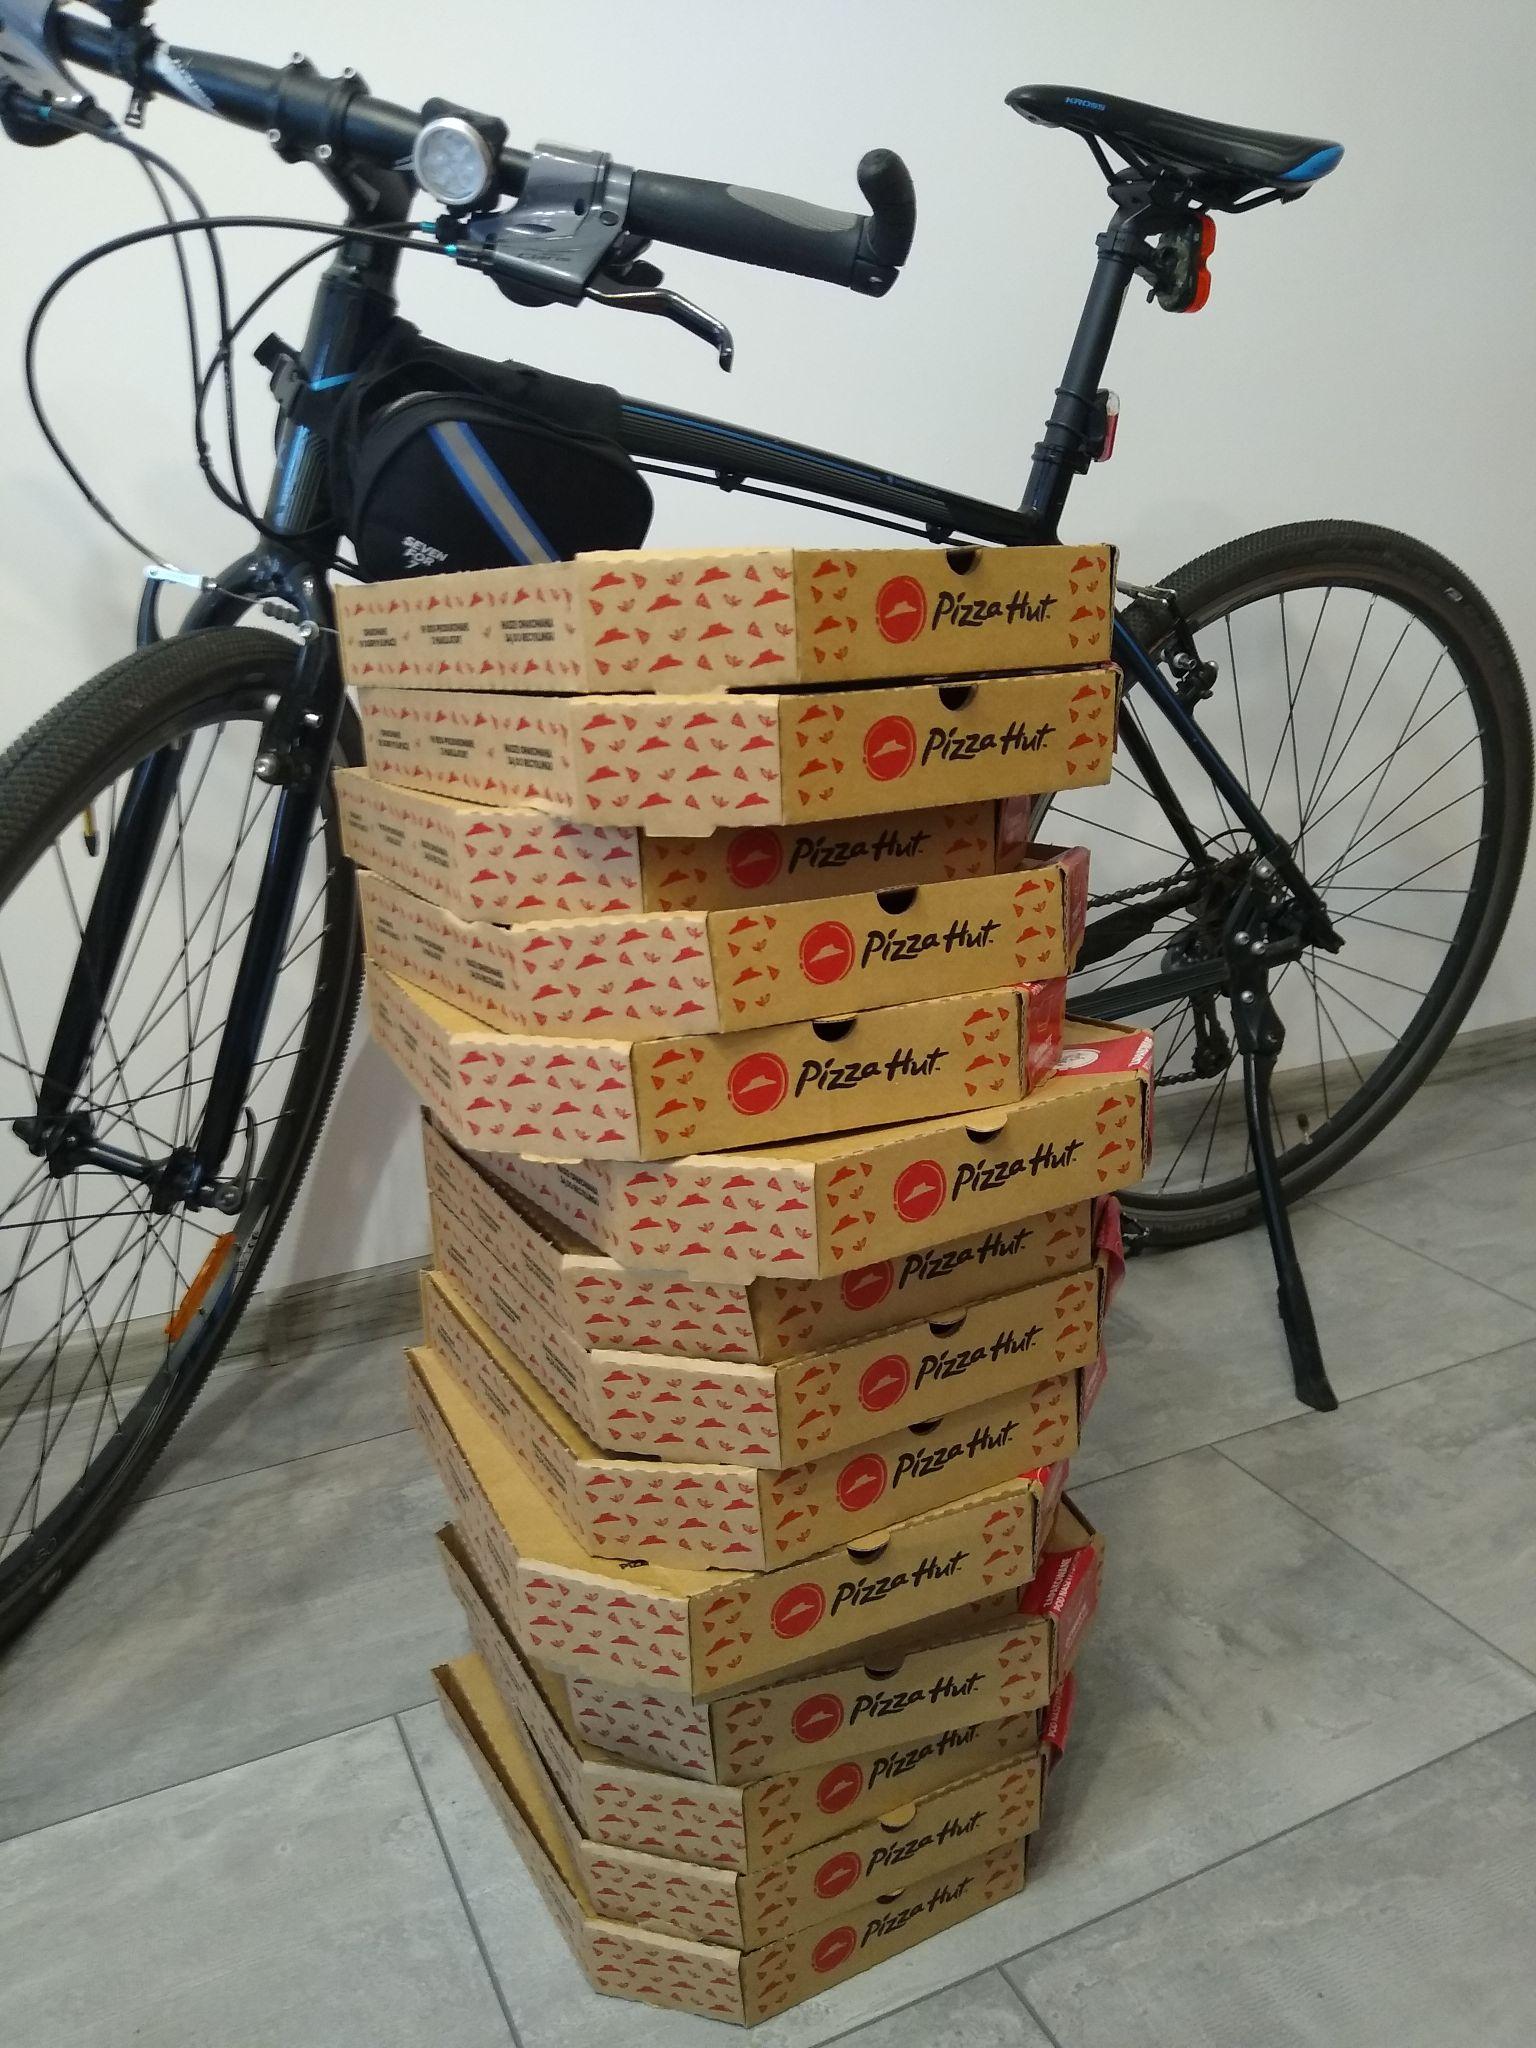 Pizza San Francisco za 2 zł! mwz. 29 zł